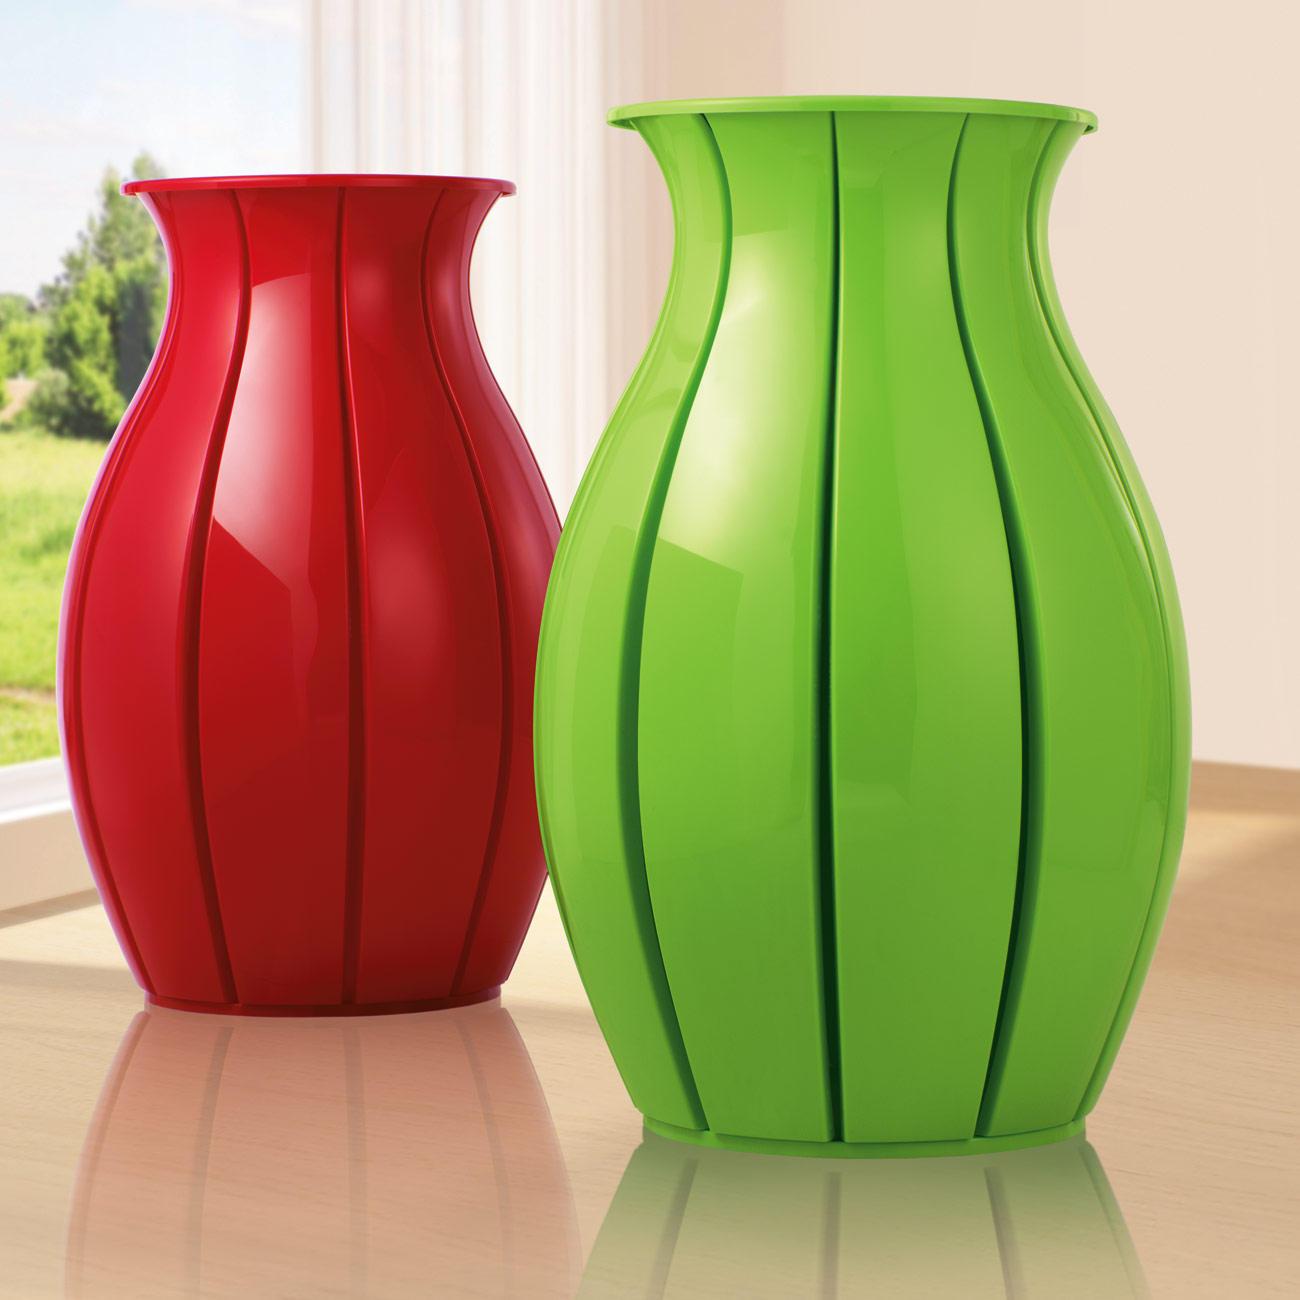 panier linge amphora garantie produit de 3 ans. Black Bedroom Furniture Sets. Home Design Ideas